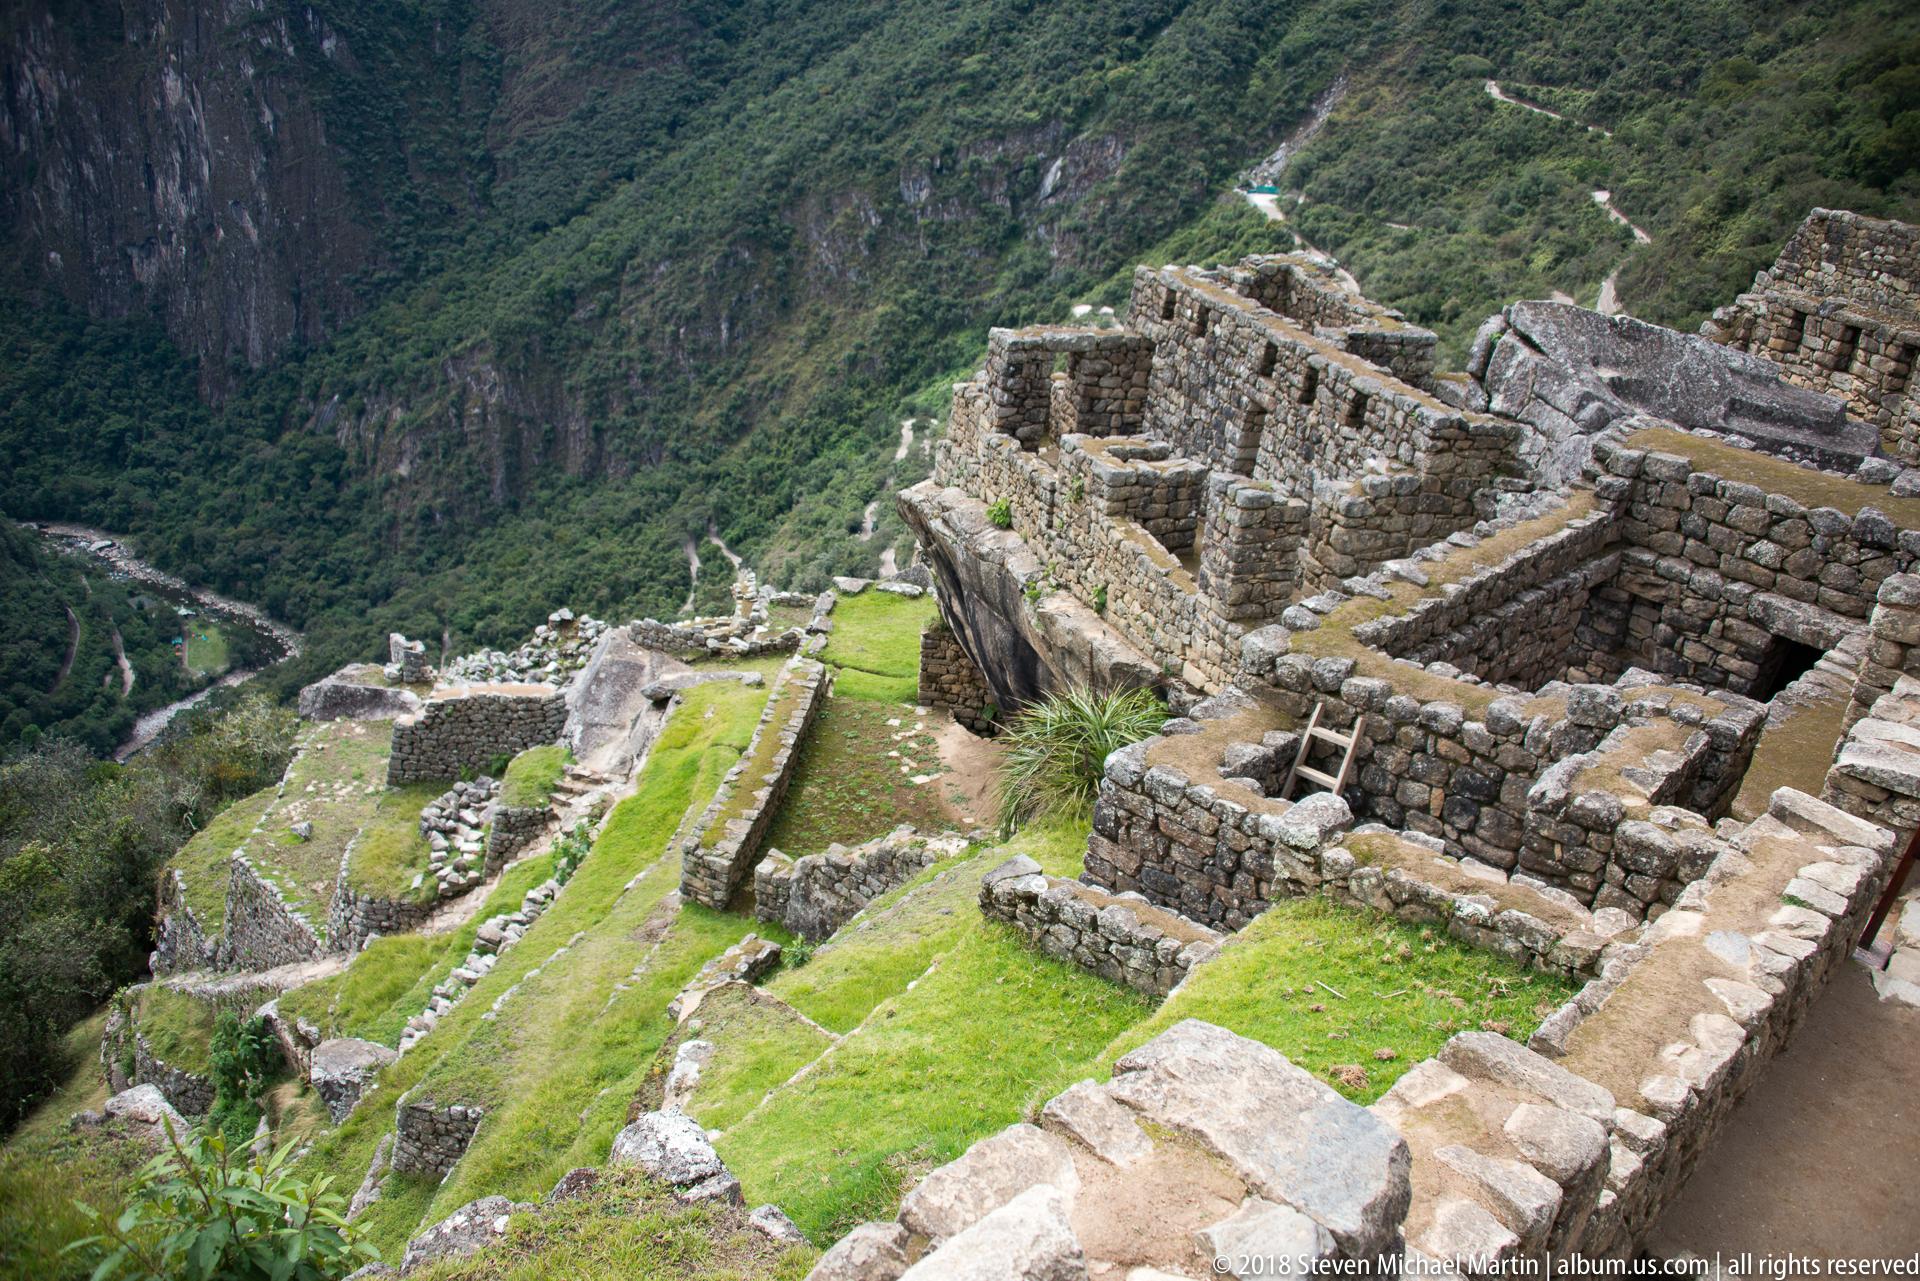 SMartin_2018 Peru Machu Picchu (131 of 139)